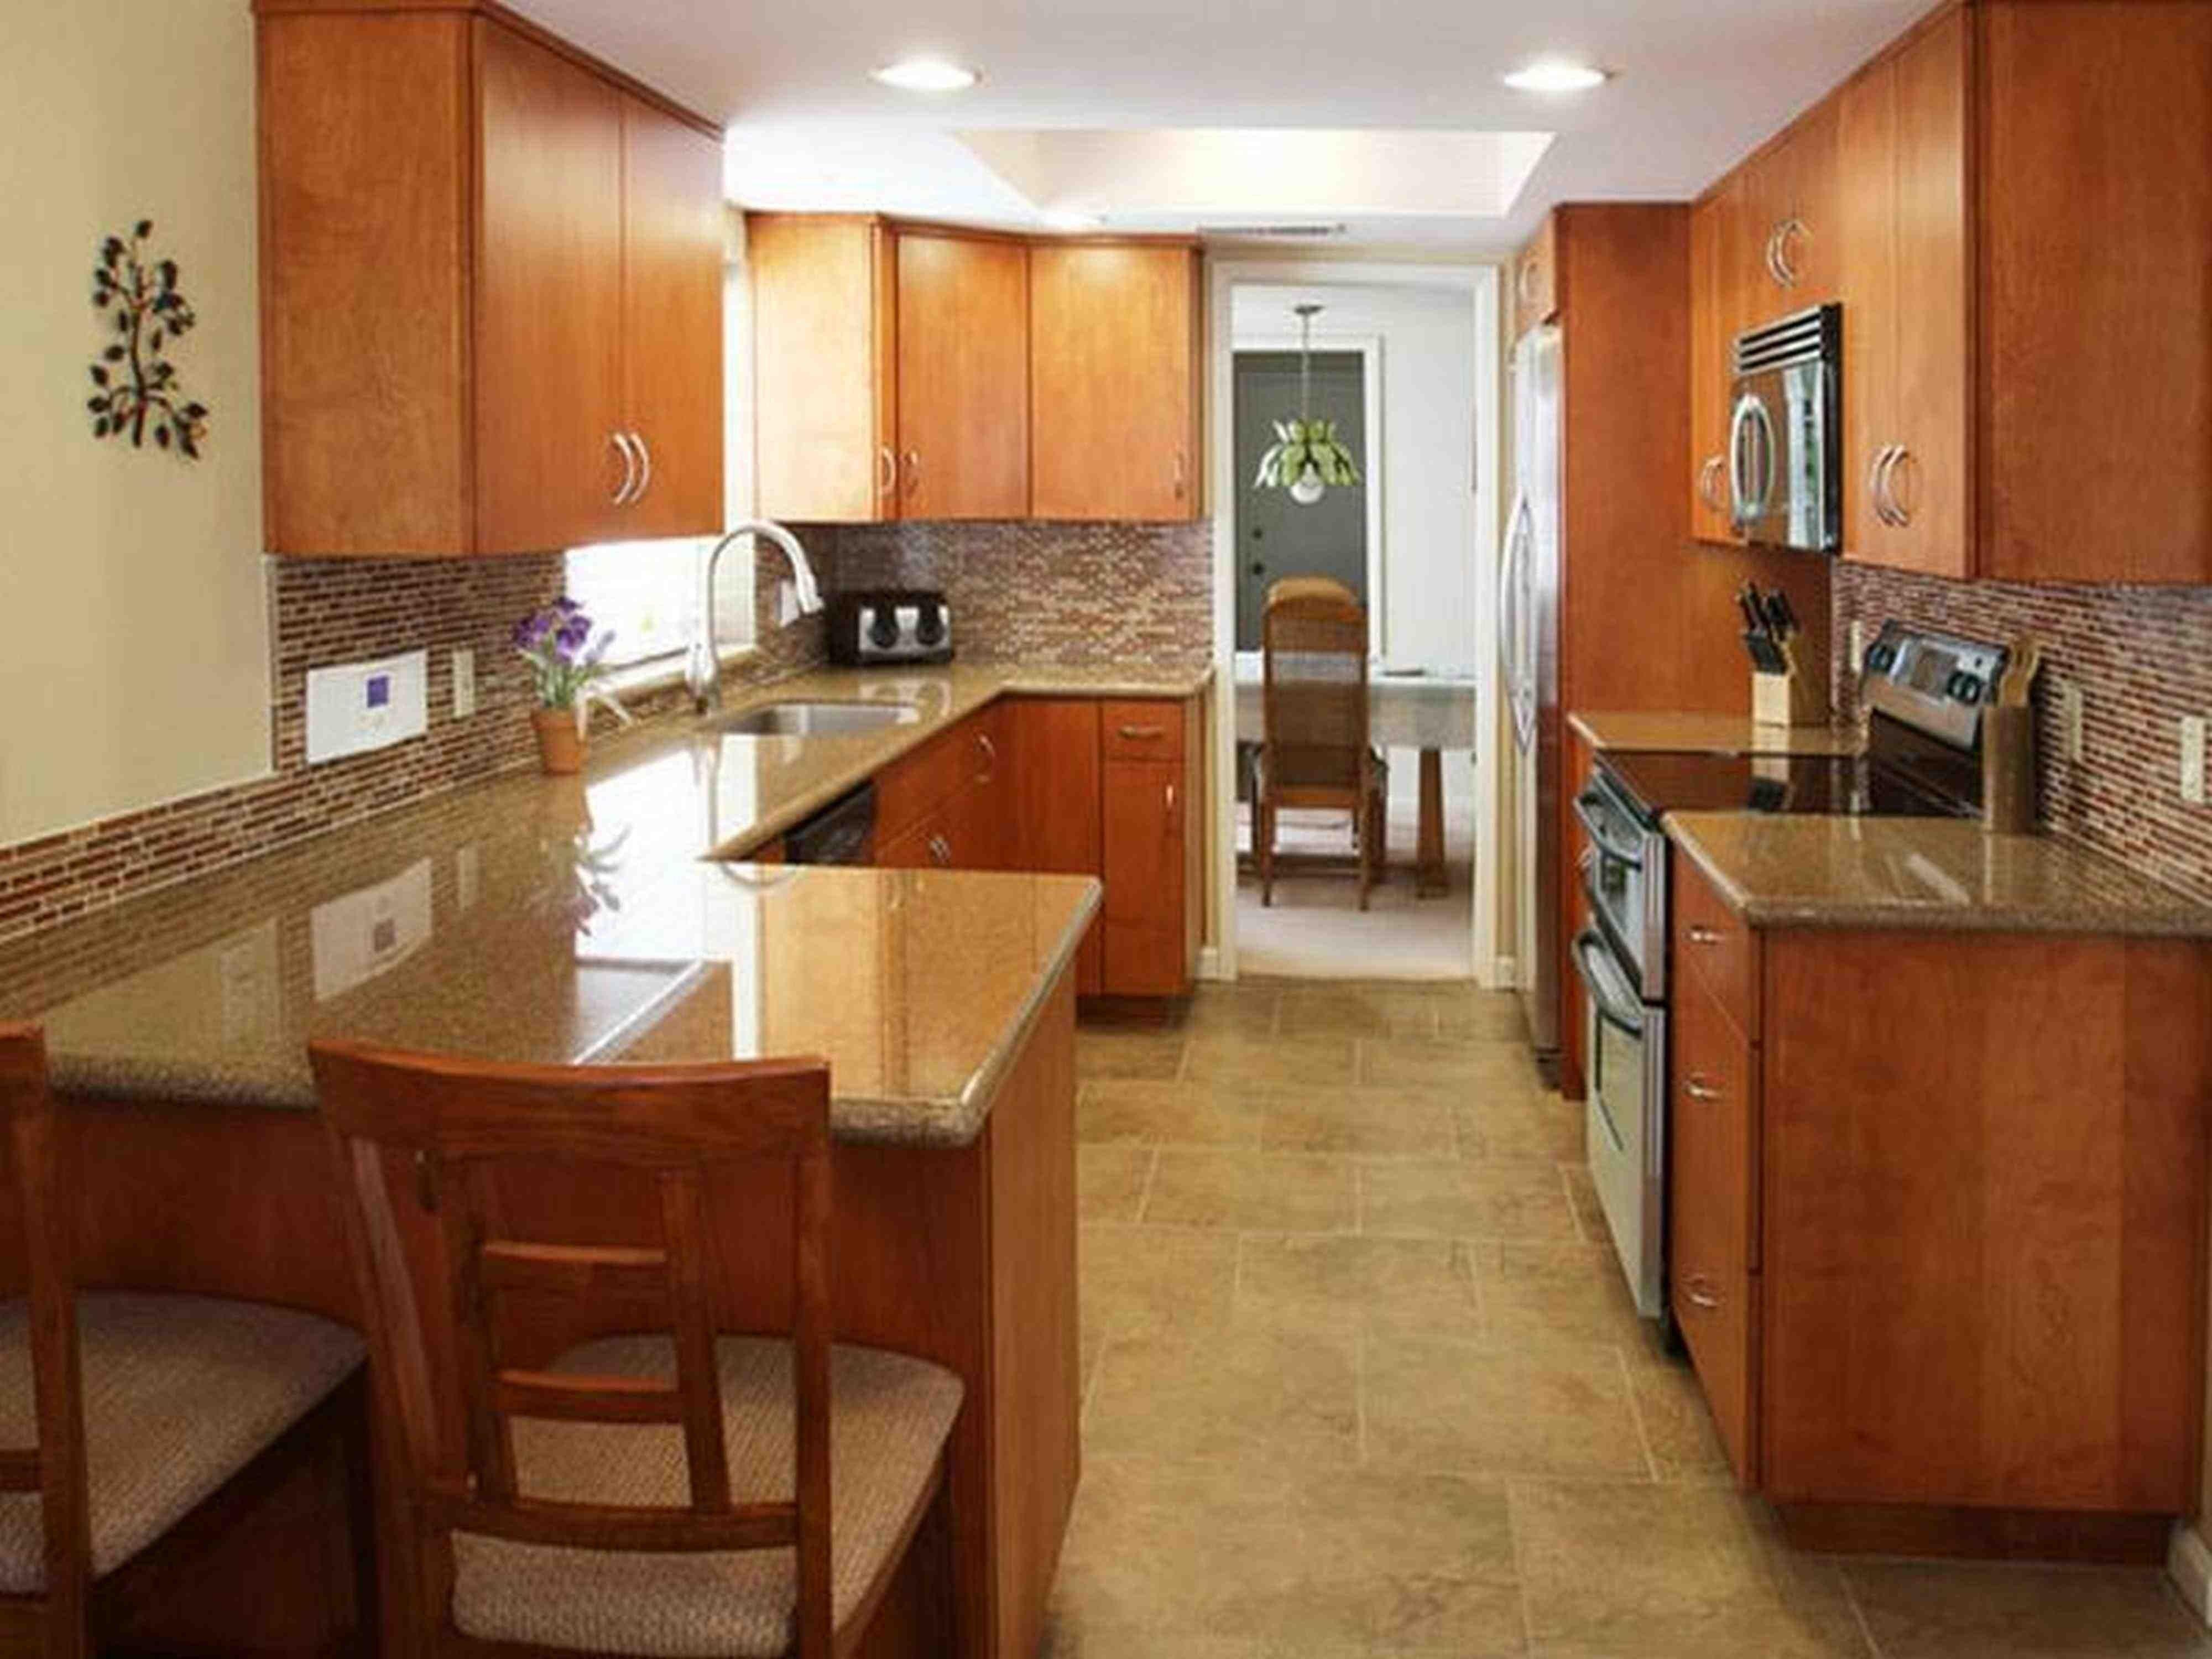 10 X 16 Kitchen Design Galley Kitchen Layout With Peninsula Serveware Microwaves